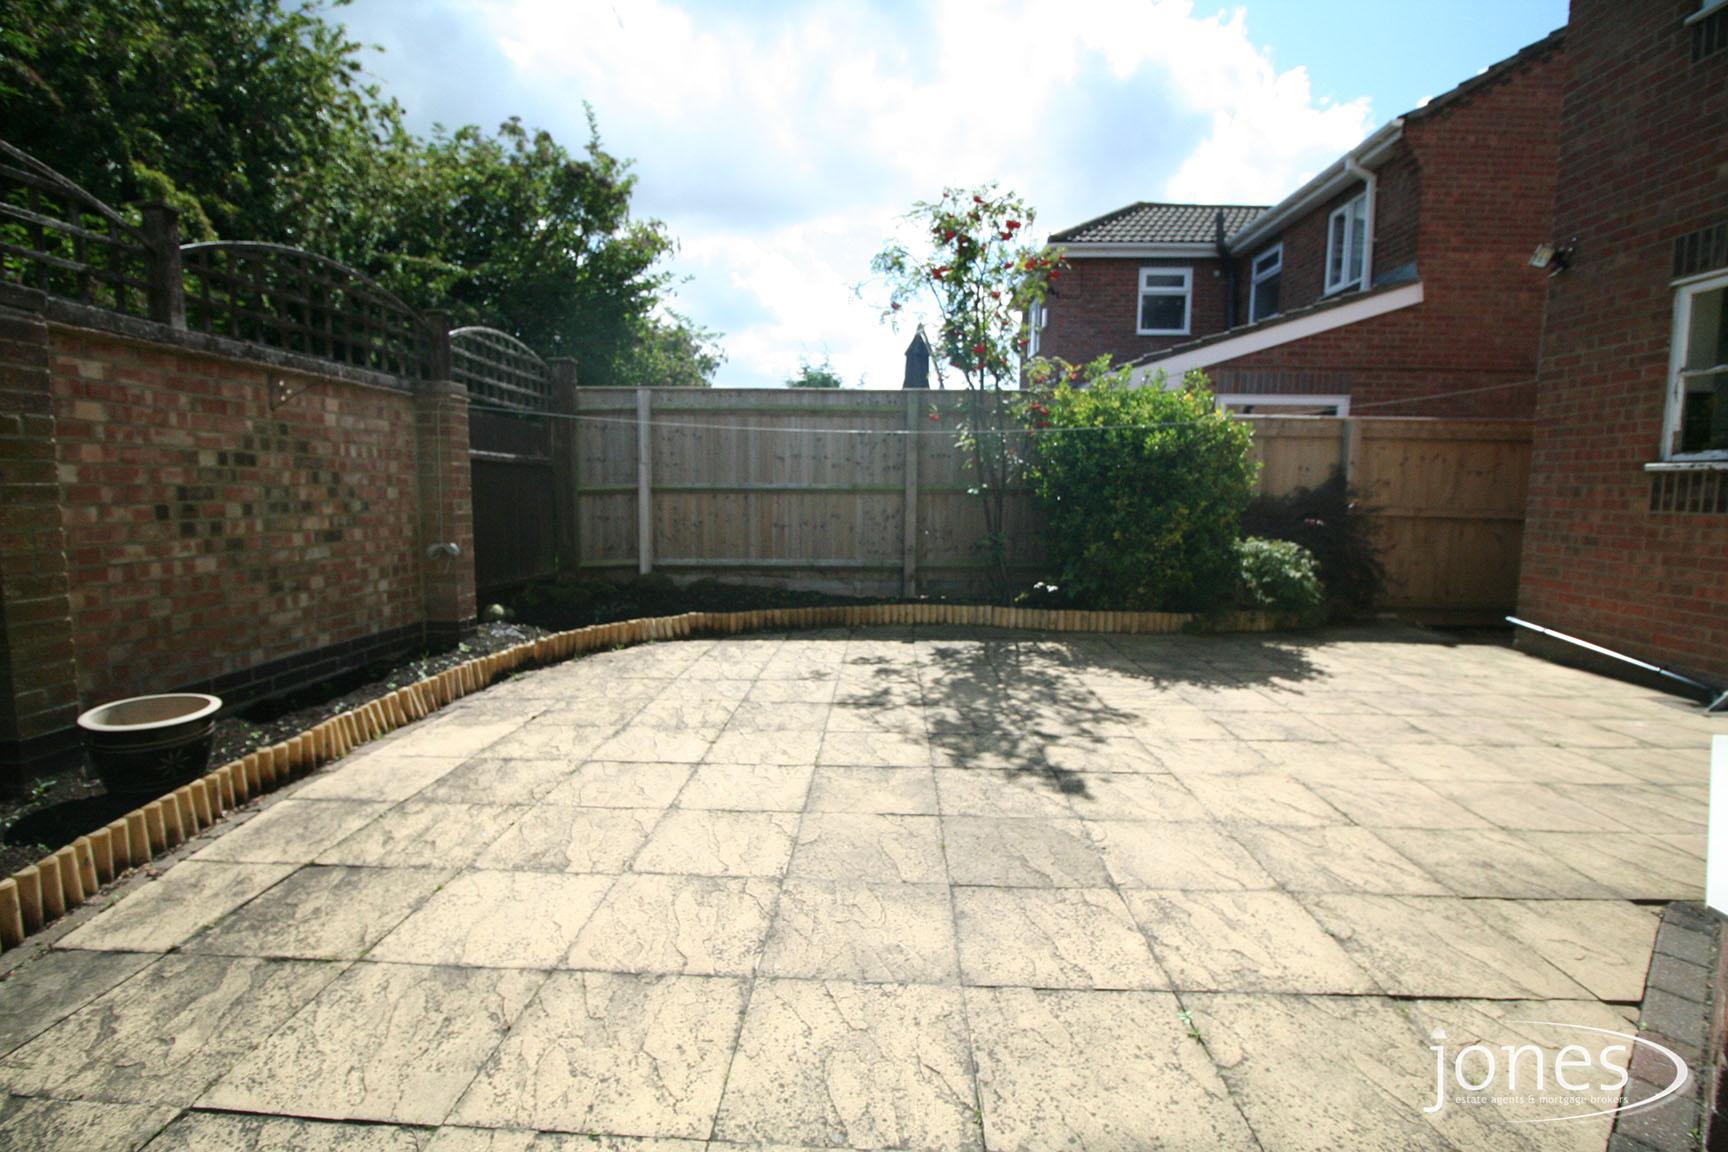 Home for Sale Let - Photo 11 Millington Close, Billingham, TS23 3FD